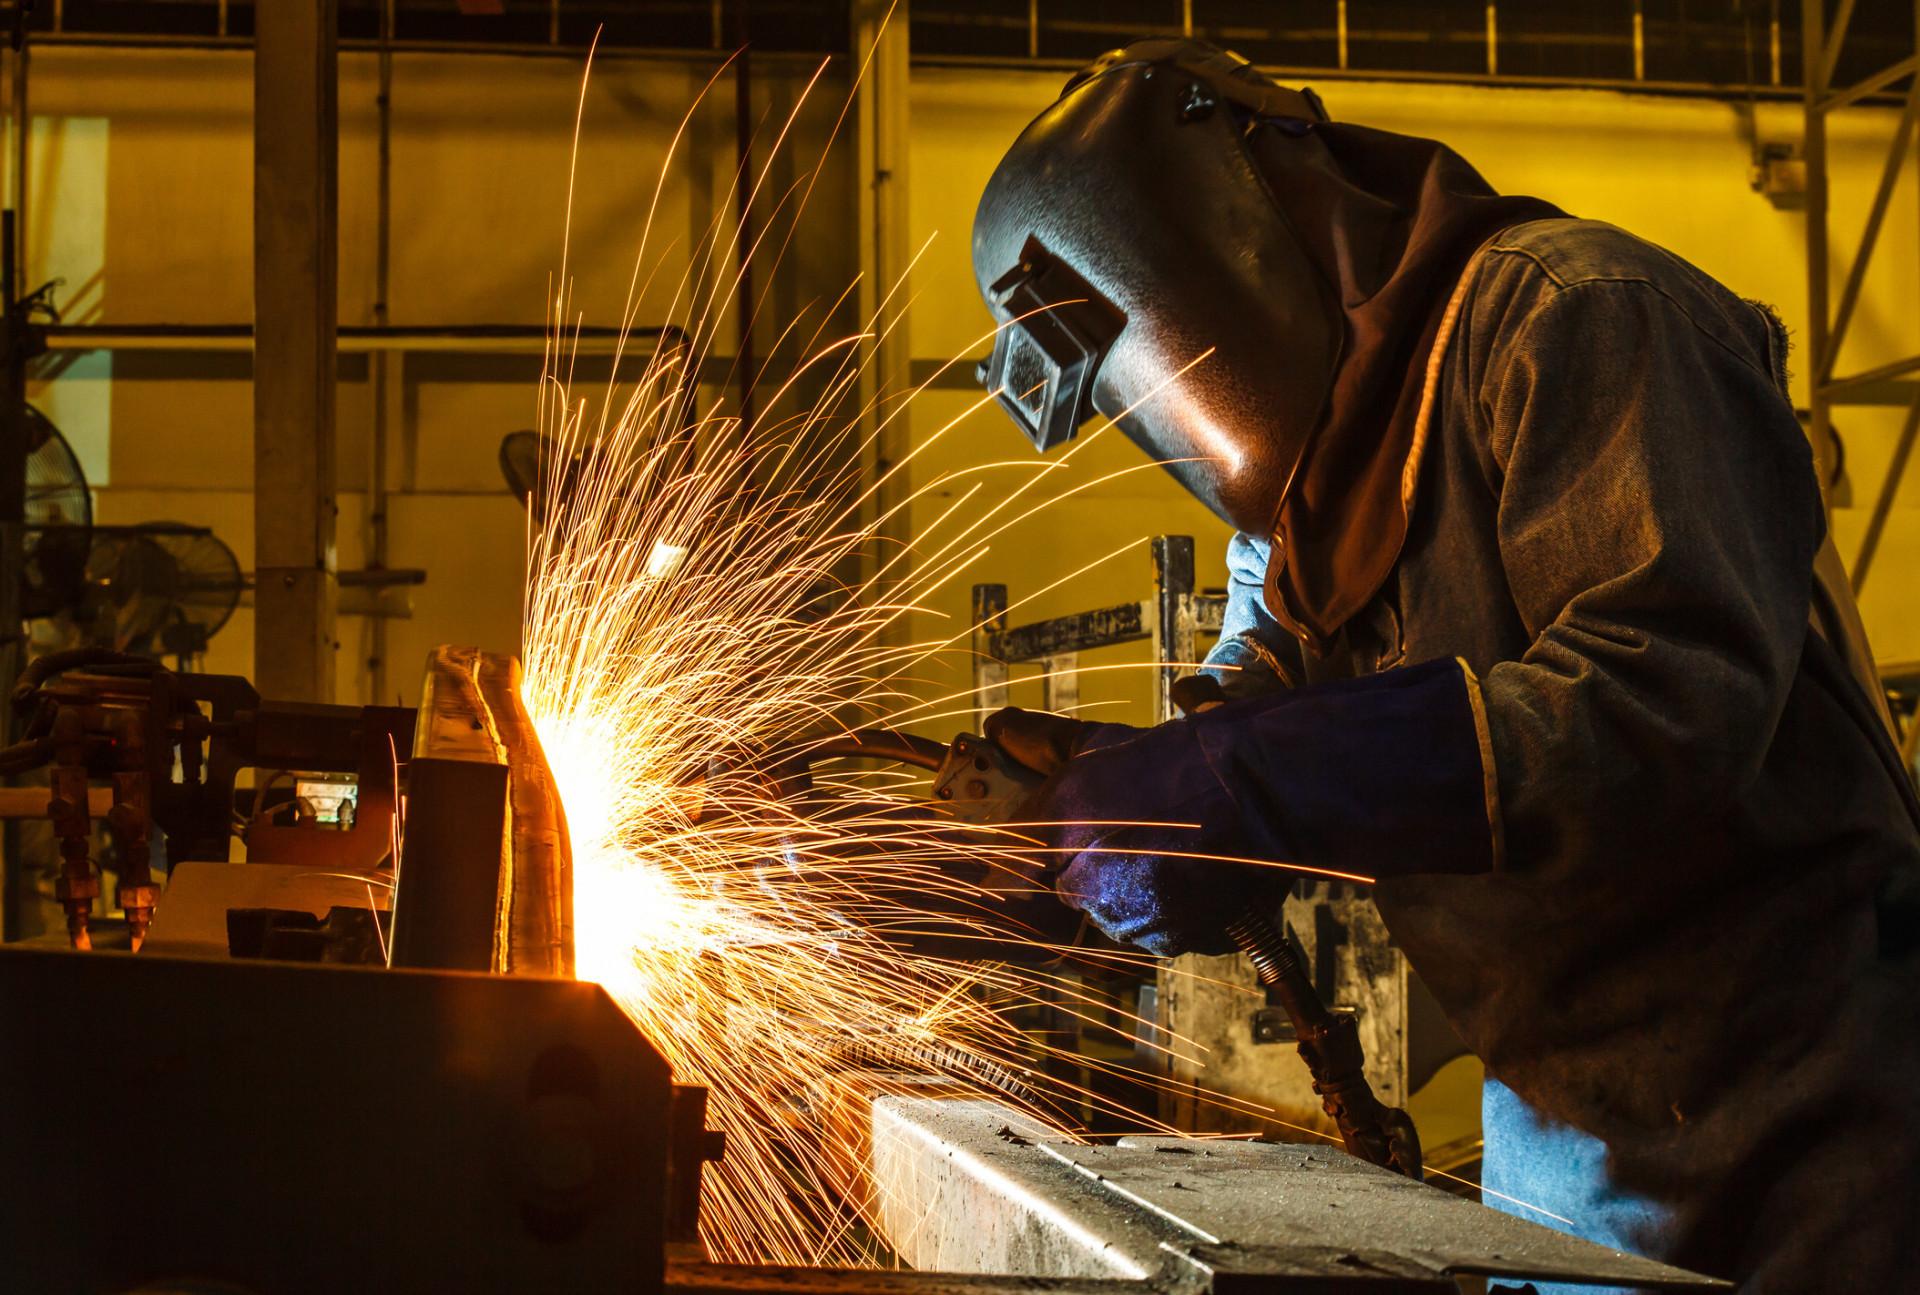 Quais são as profissões mais perigosas do mundo?